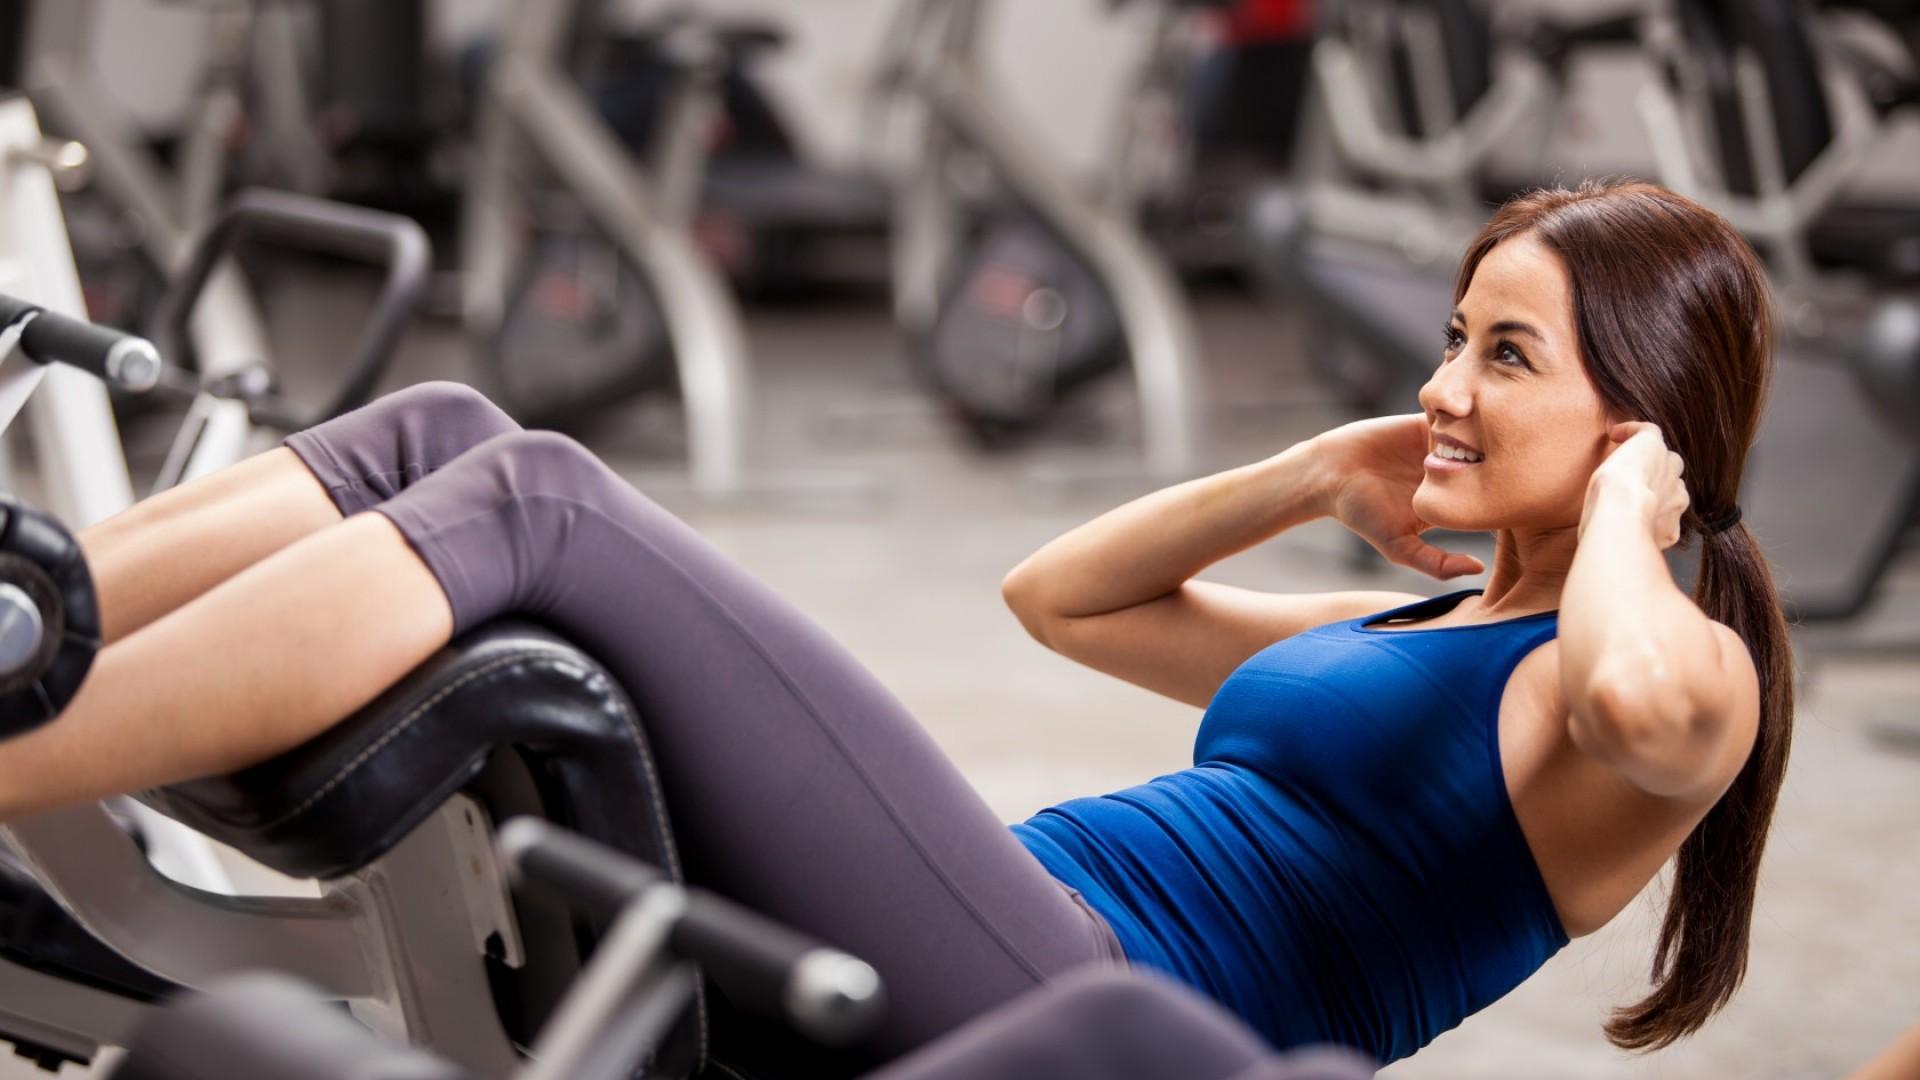 Girl shakes press, gym: